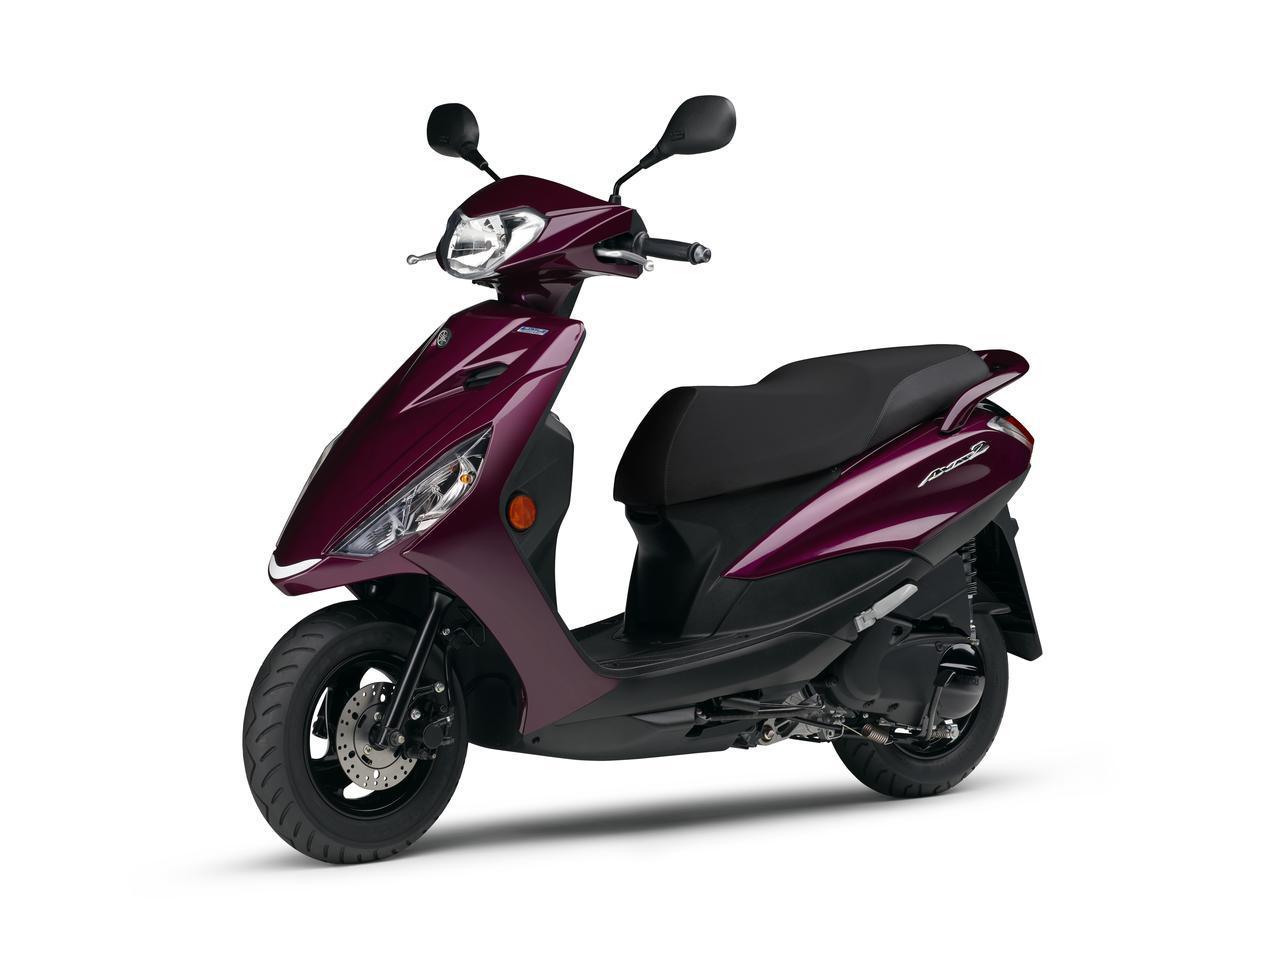 画像16: ヤマハが125ccスクーター「アクシスZ」の2021年モデルを発表! カラーは全5色設定で2月5日に発売